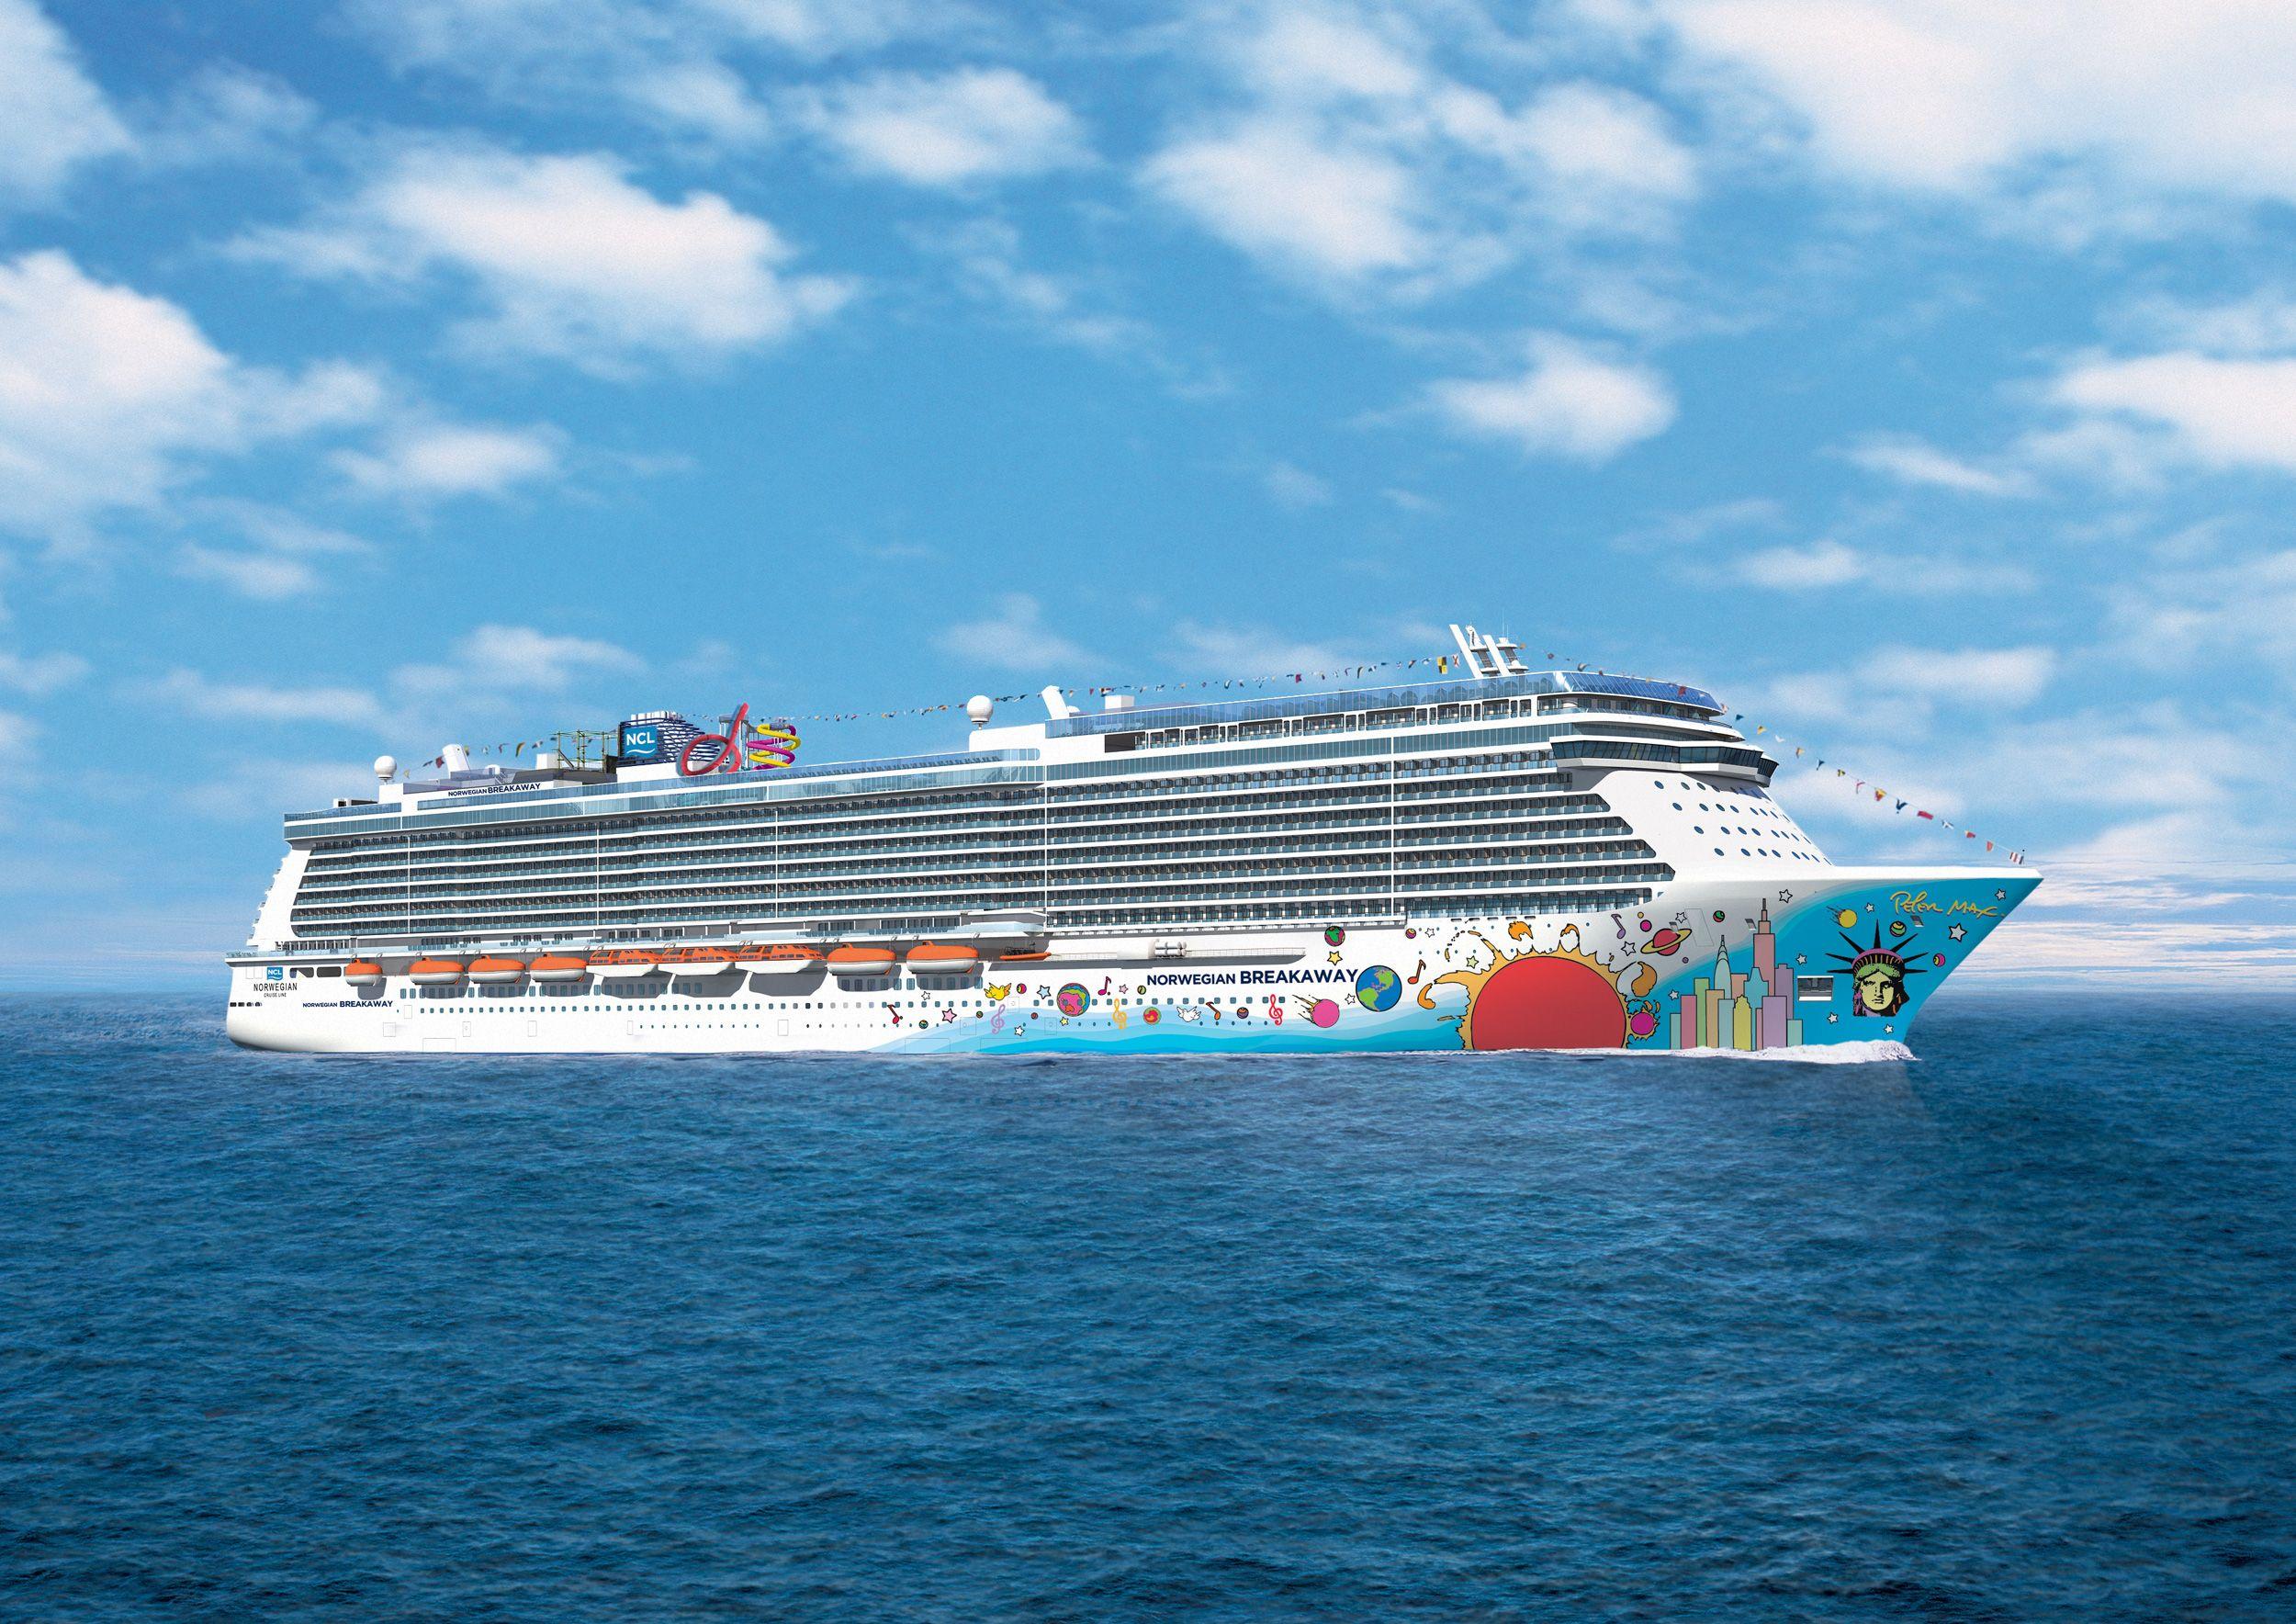 Best Cruise Ships, Norwegian Cruise